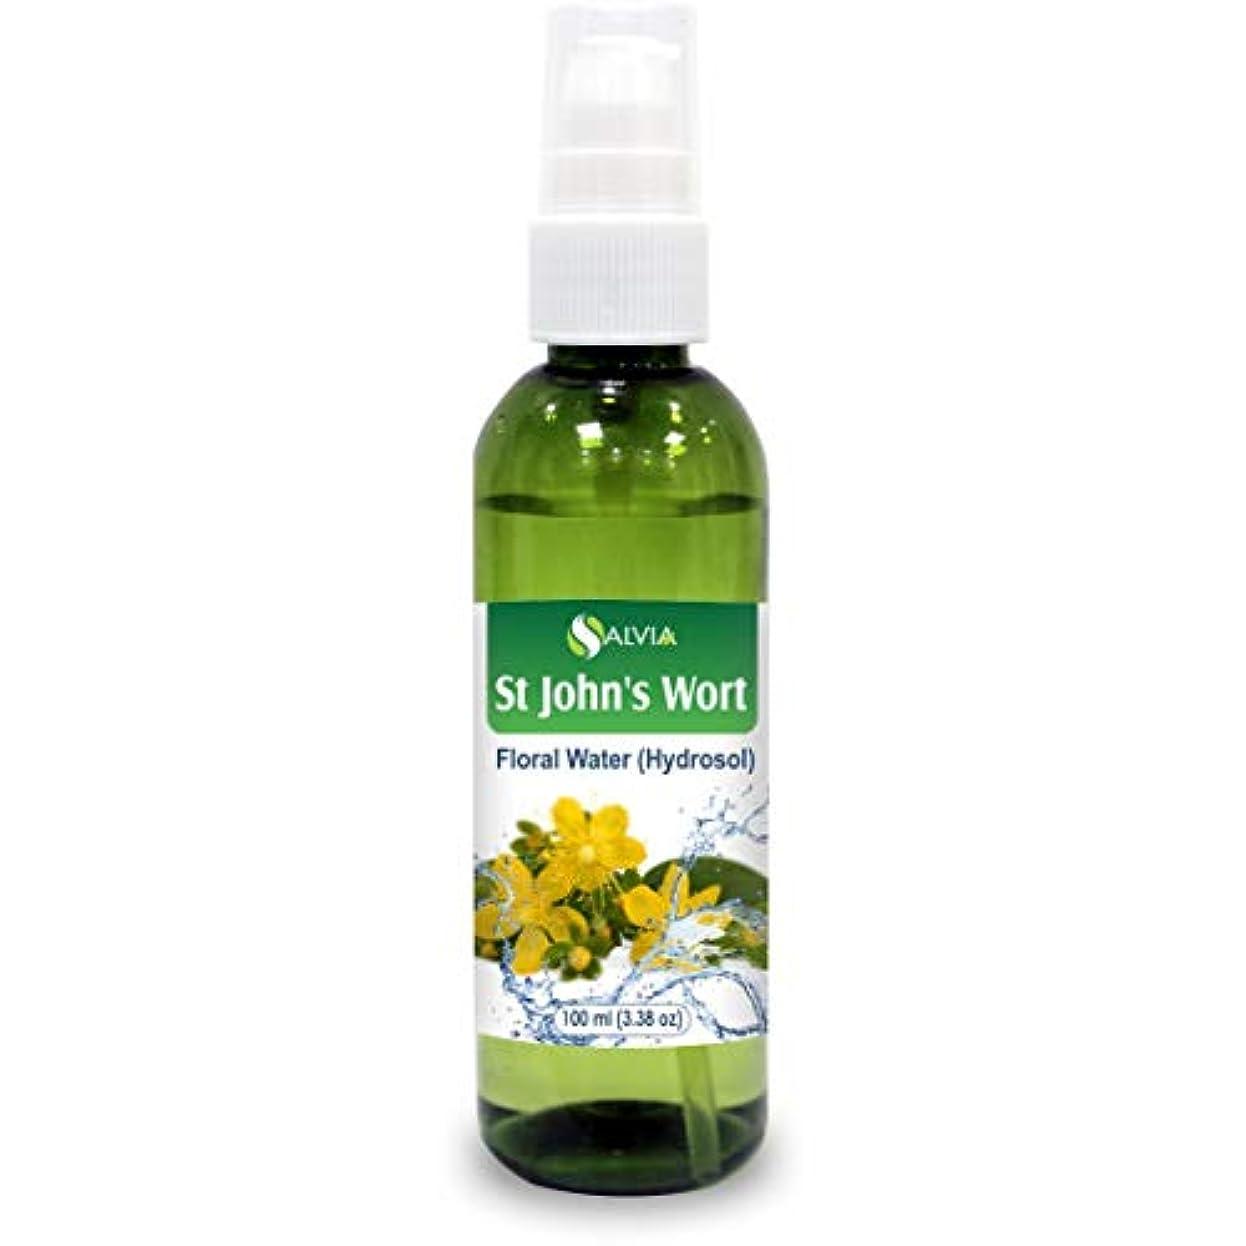 出血マーティンルーサーキングジュニア目に見えるSt John's Wort Floral Water 100ml (Hydrosol) 100% Pure And Natural